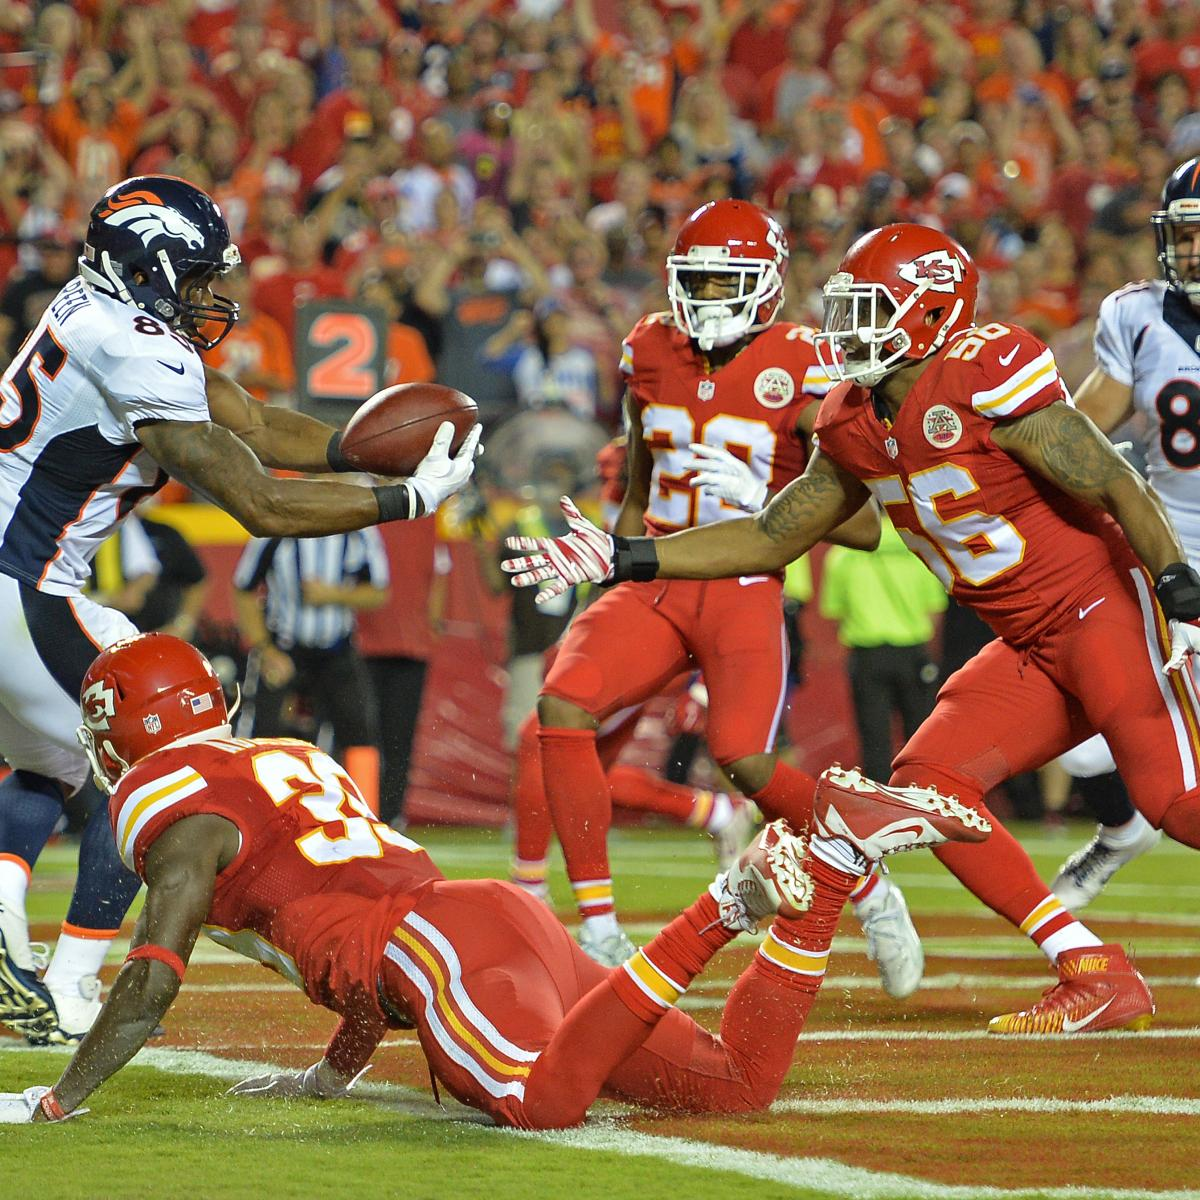 Denver Broncos Vs Detroit Lions Live Score Highlights And: Kansas City Chiefs Vs. Denver Broncos: Full Denver Game